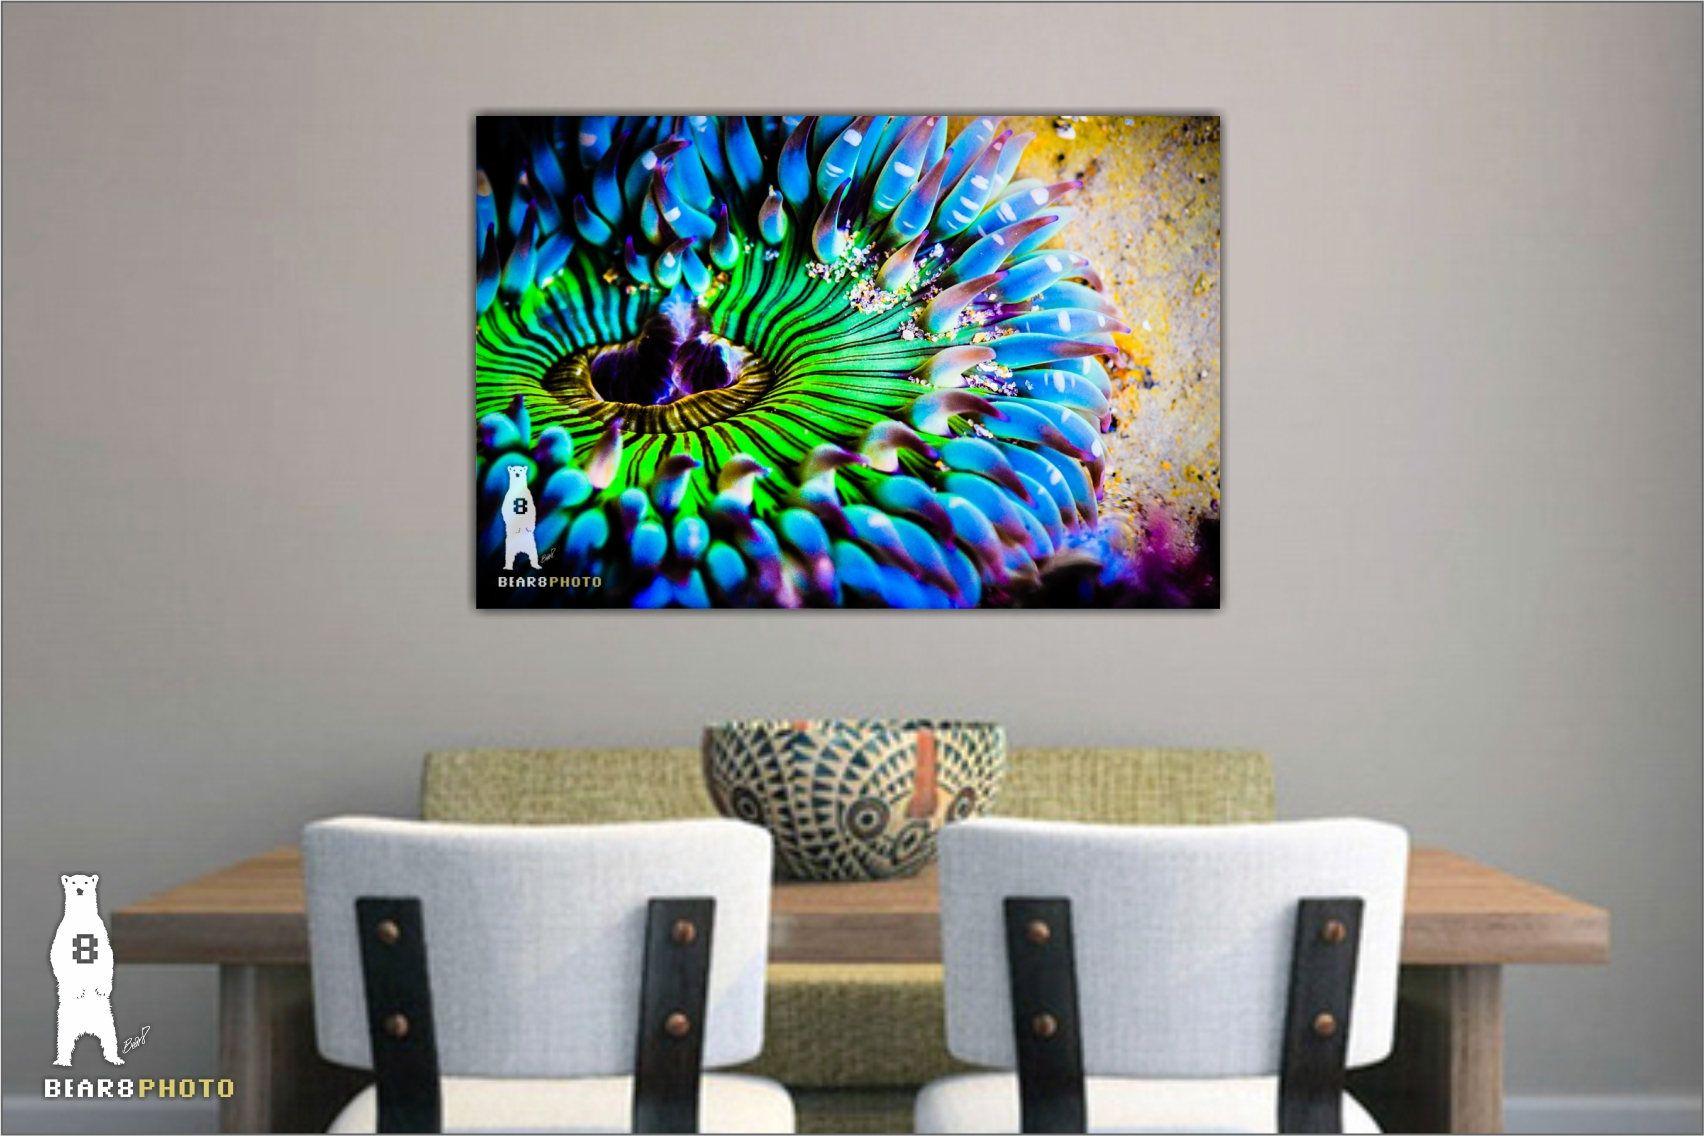 Colorful Wall Art Bright Wall Art Sea Life Prints Bold And Etsy Sea Life Wall Art Colorful Wall Art Colorful Art Prints